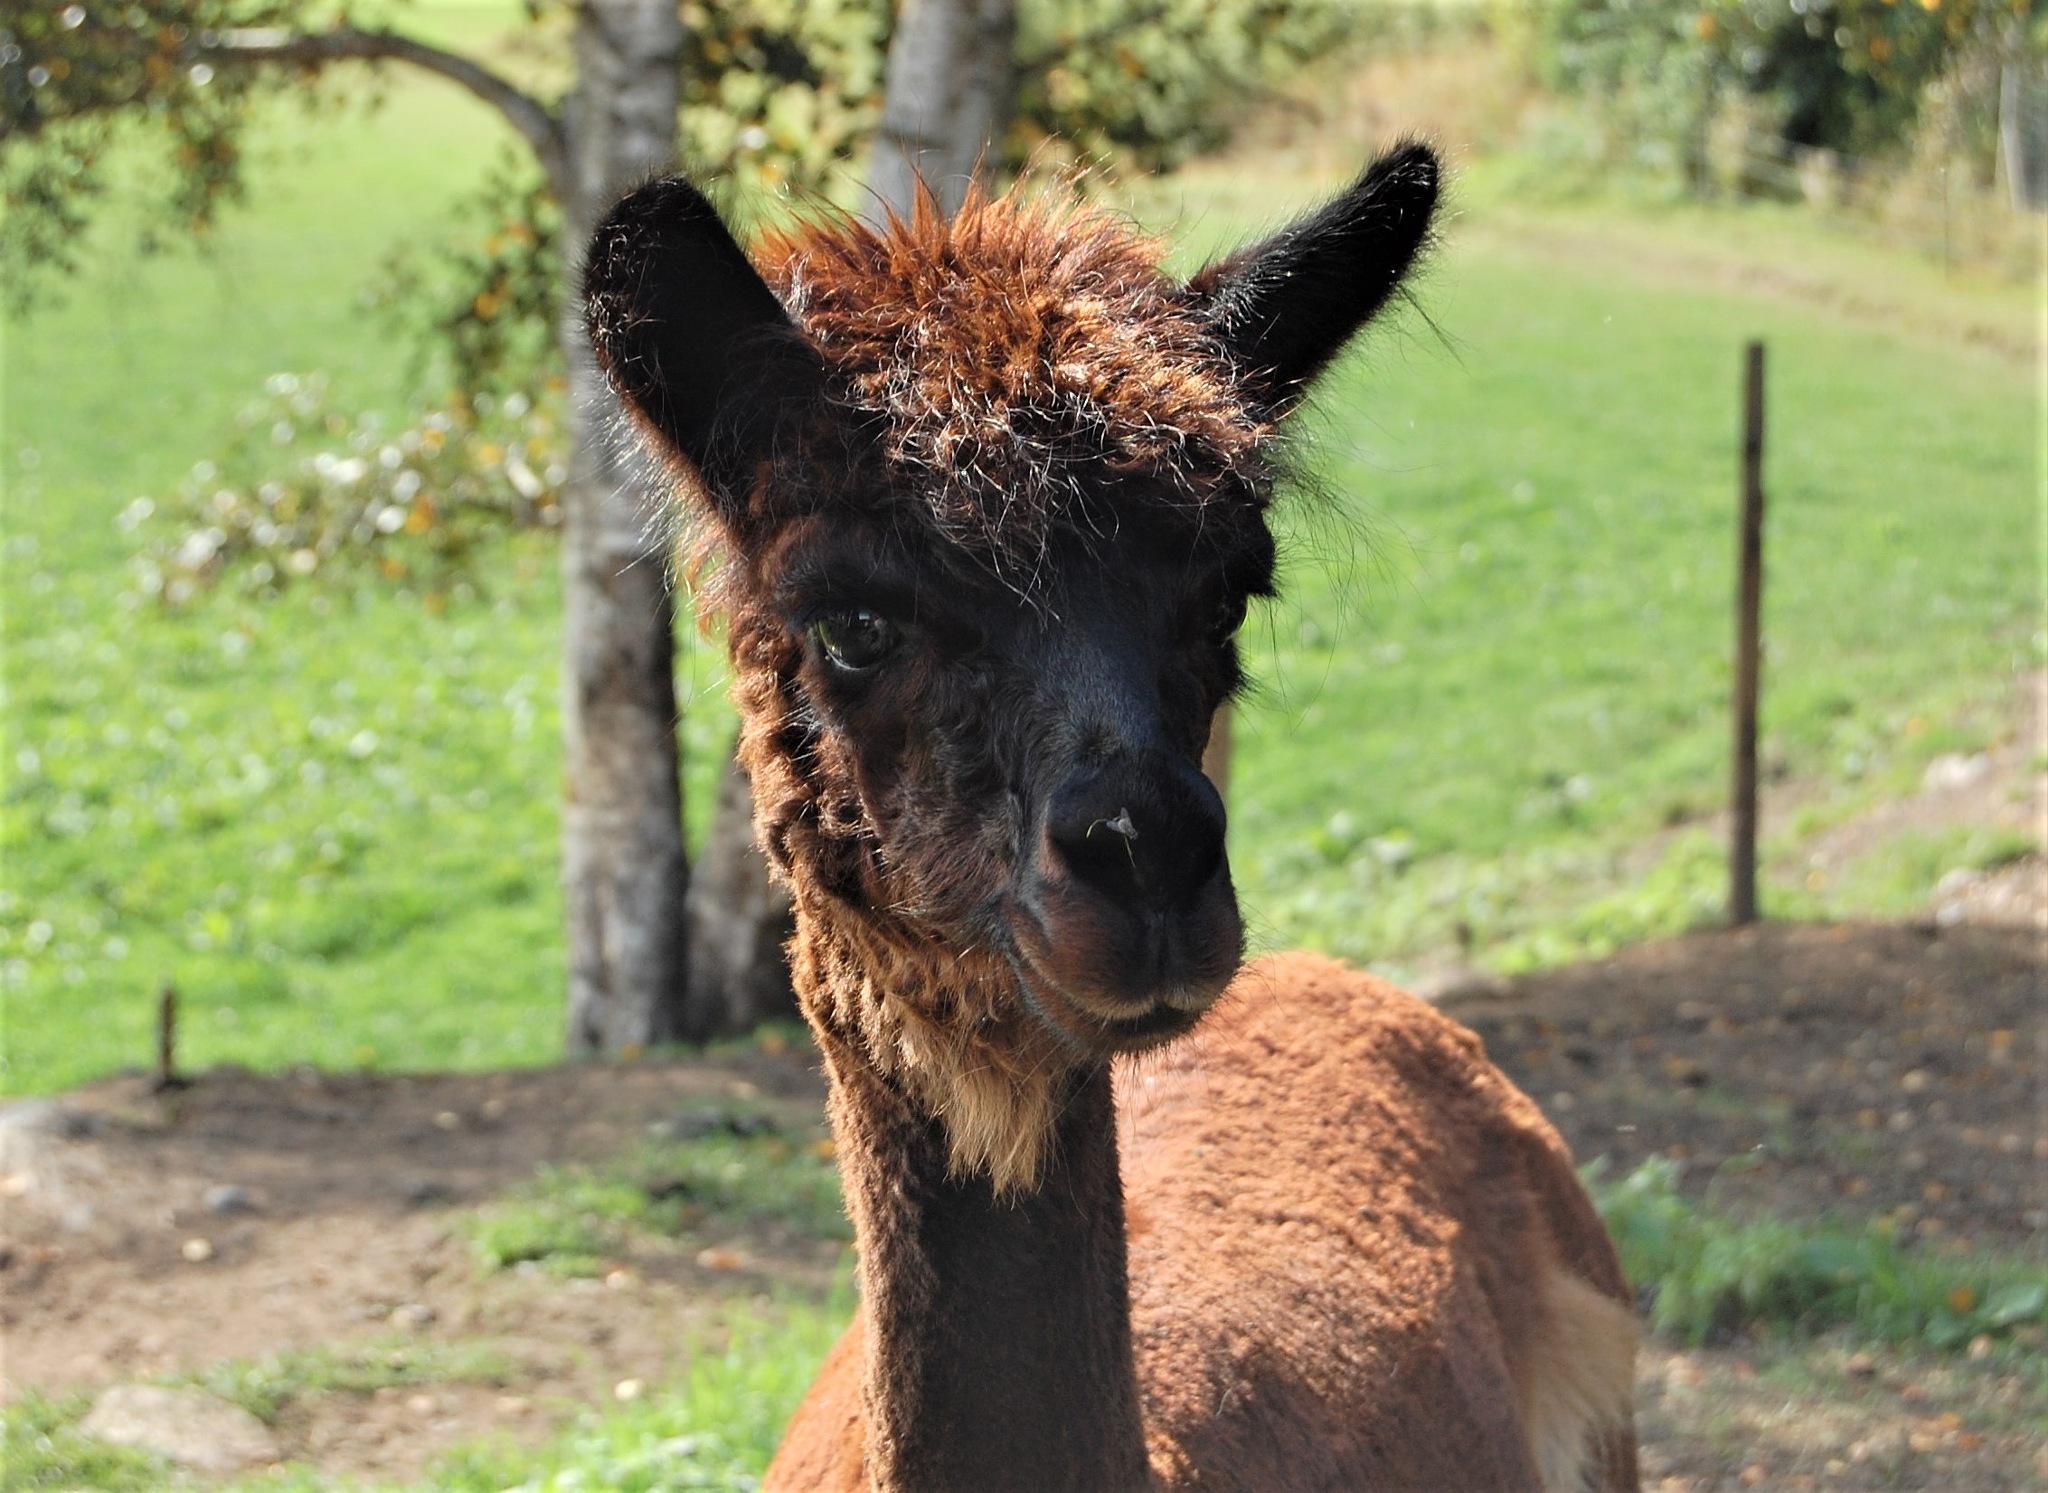 Sweet alpaca by lillemor.ekstrom ek